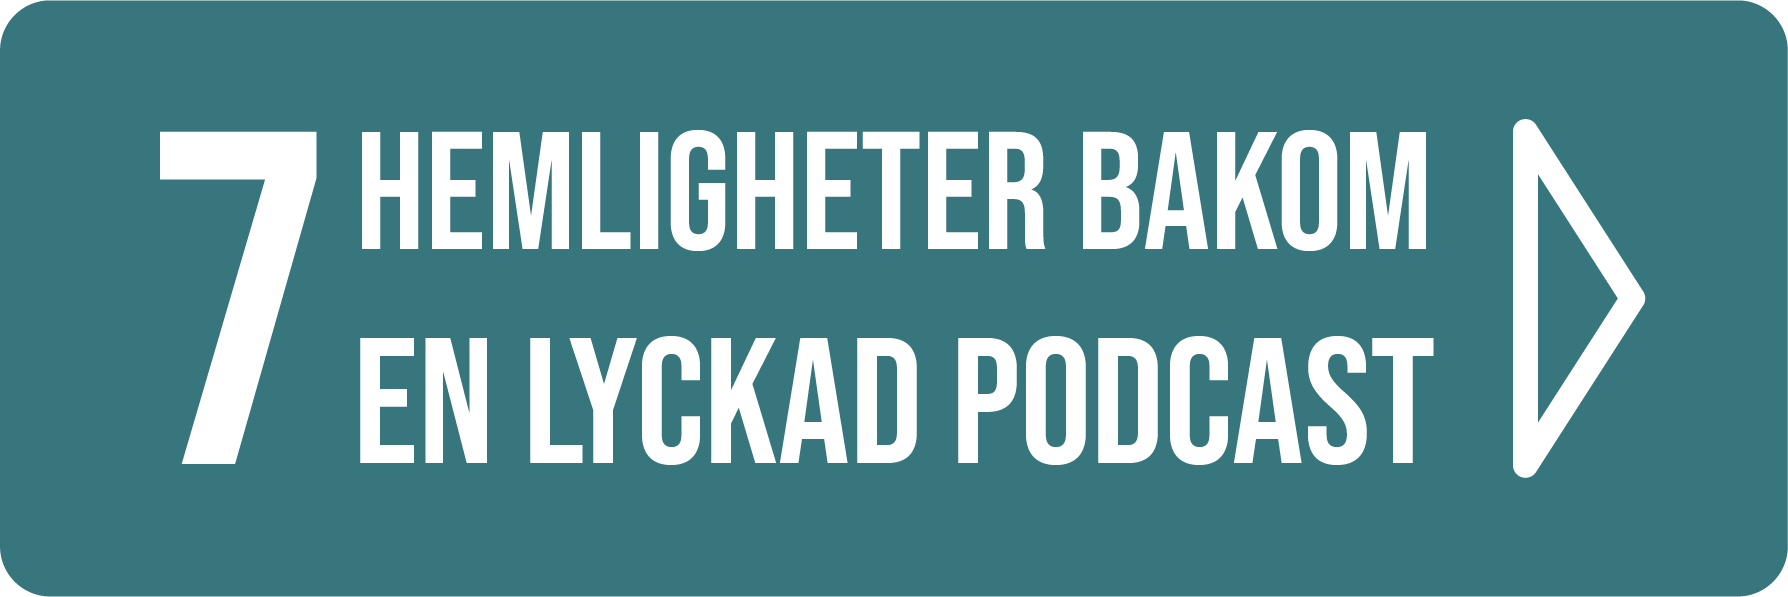 knapp-7hemligheter-podcast.png